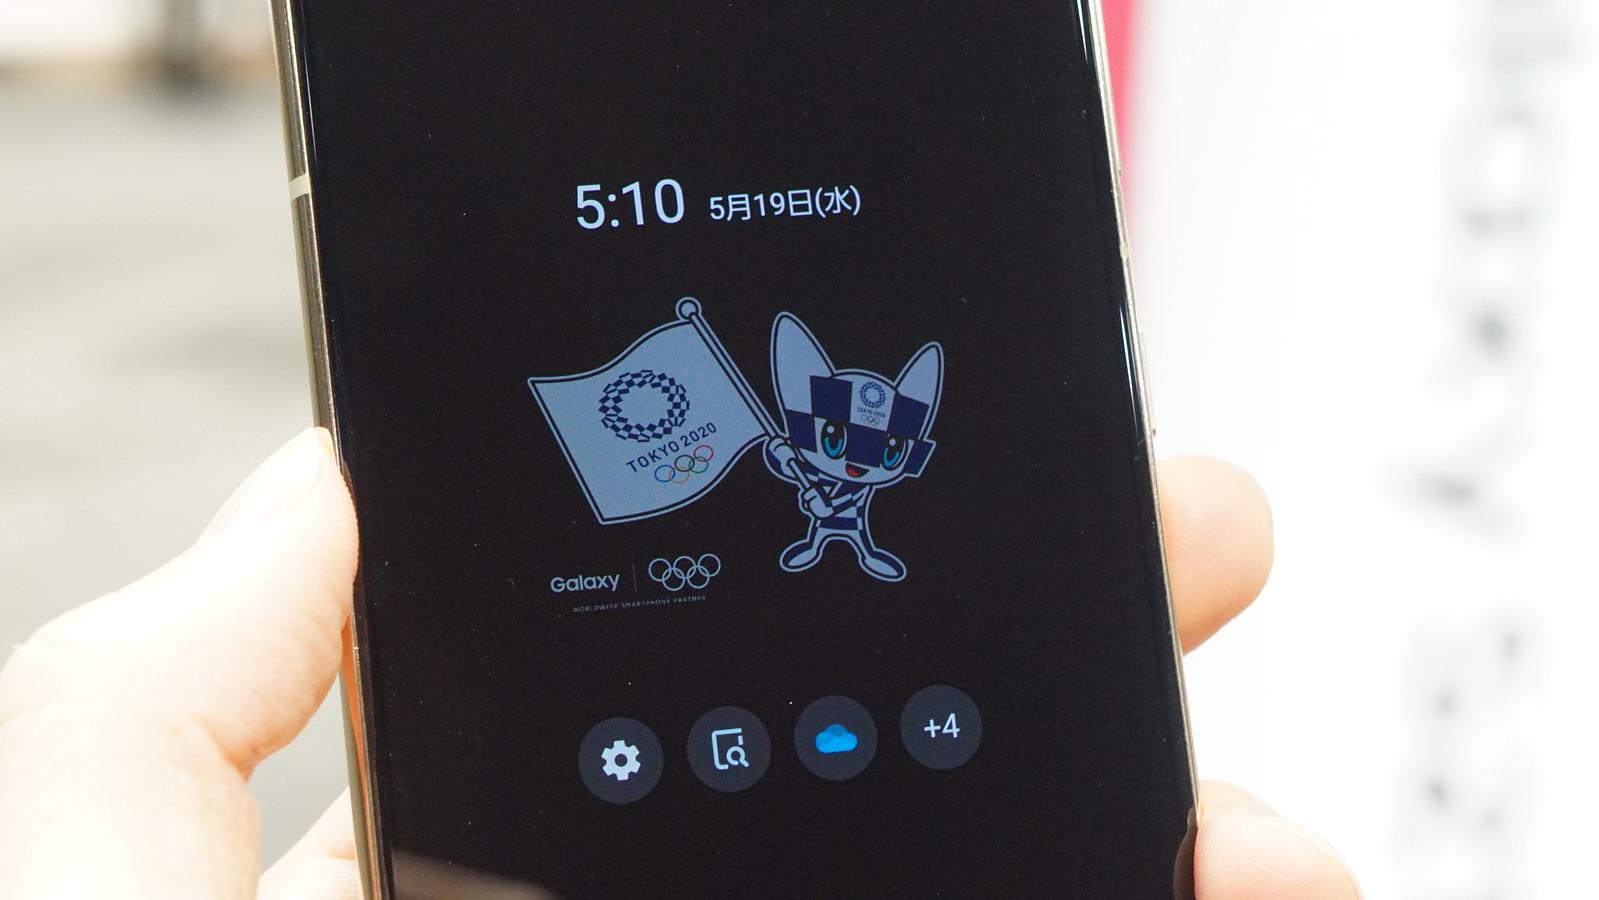 ドコモ、Galaxy S21 5G 東京五輪記念モデルを6月3日発売。価格は11.2万円